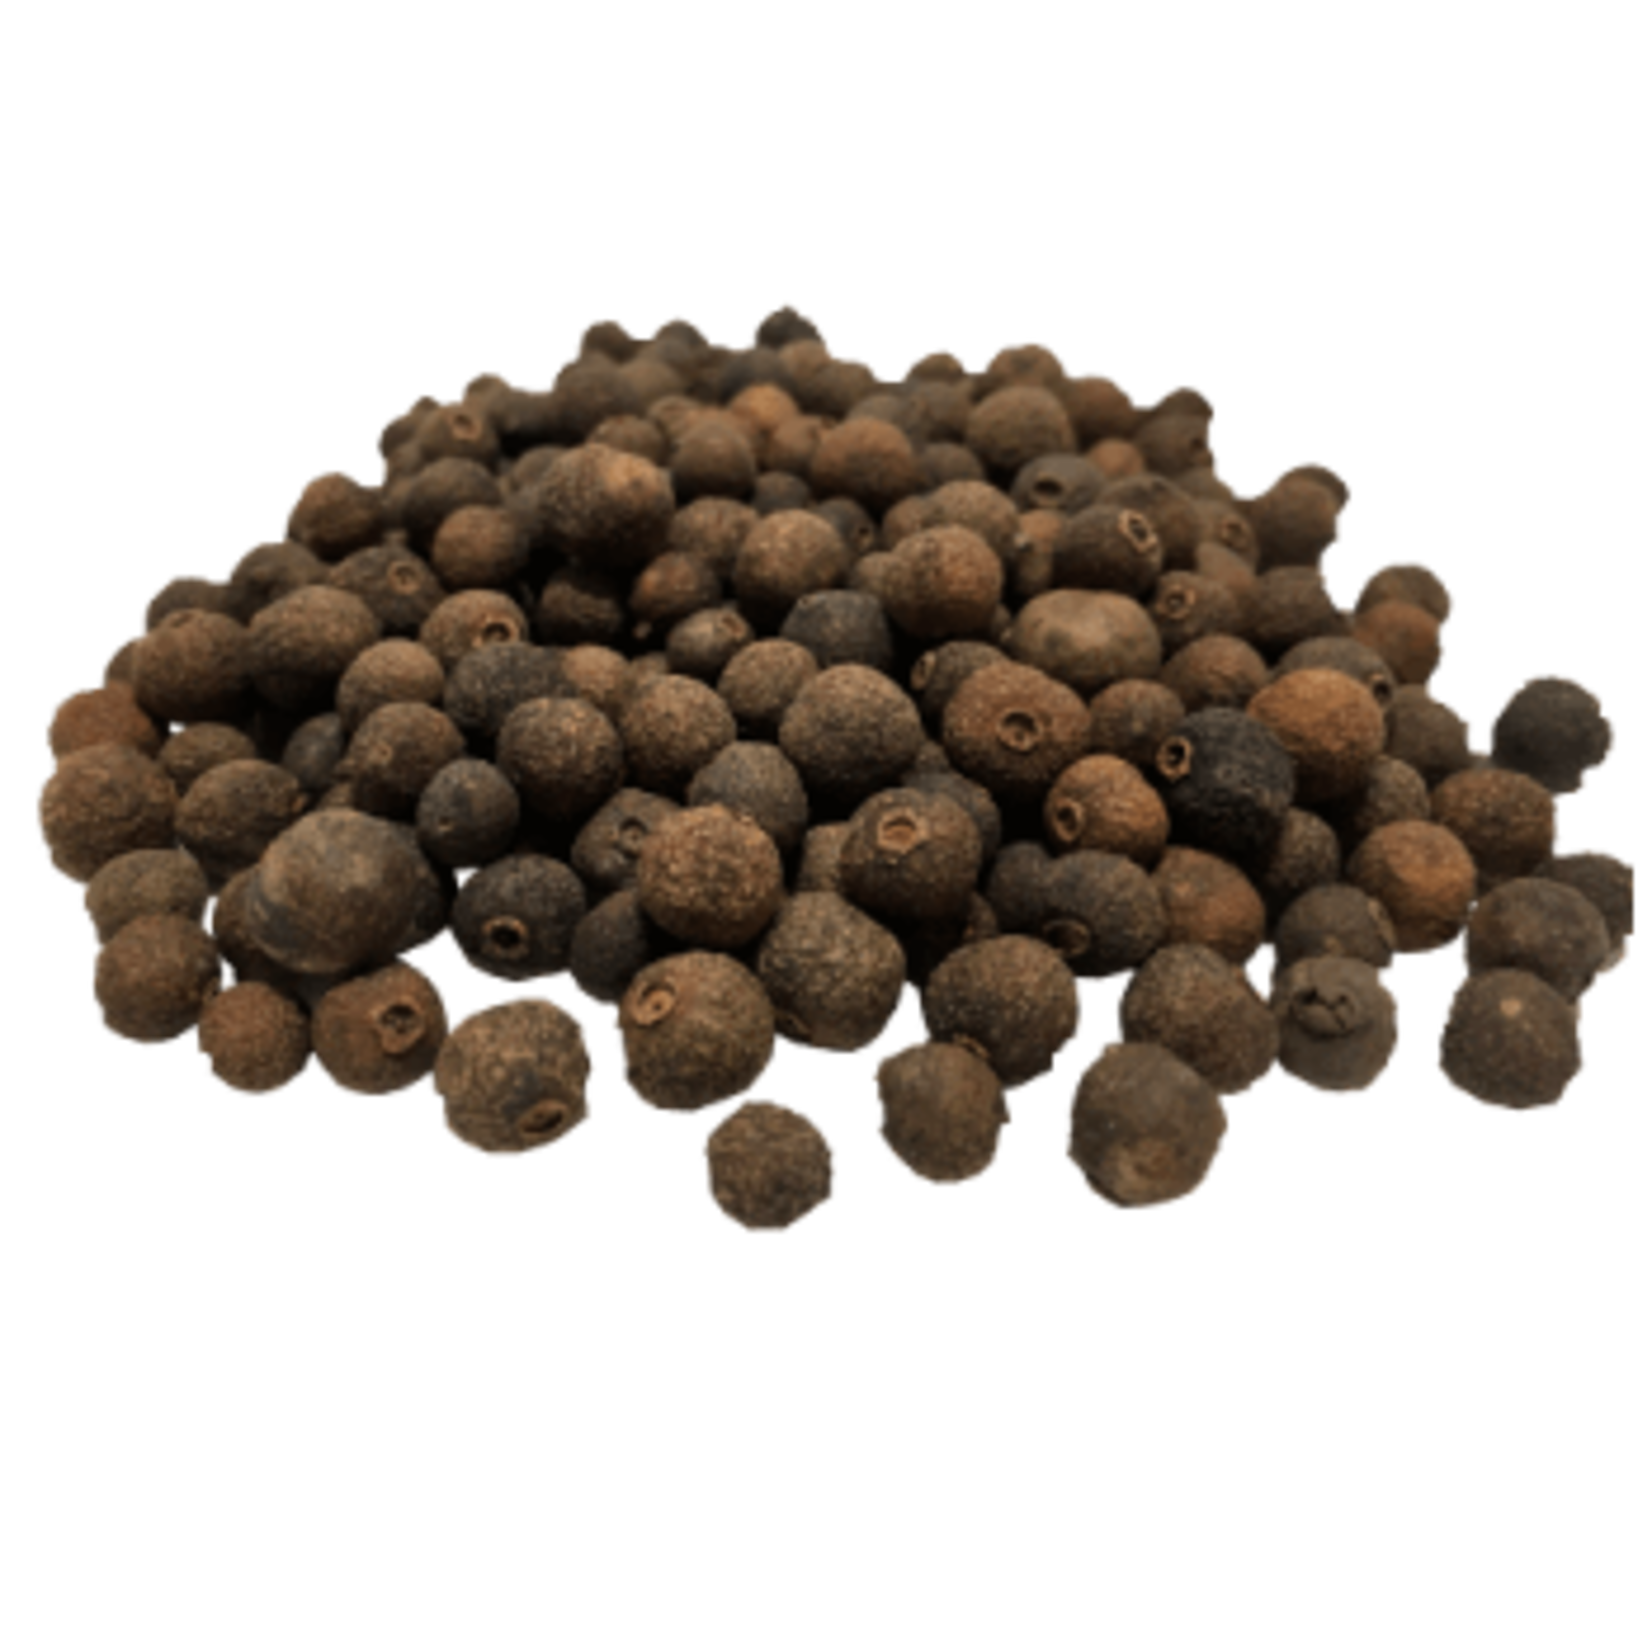 All Spice/ Pimento